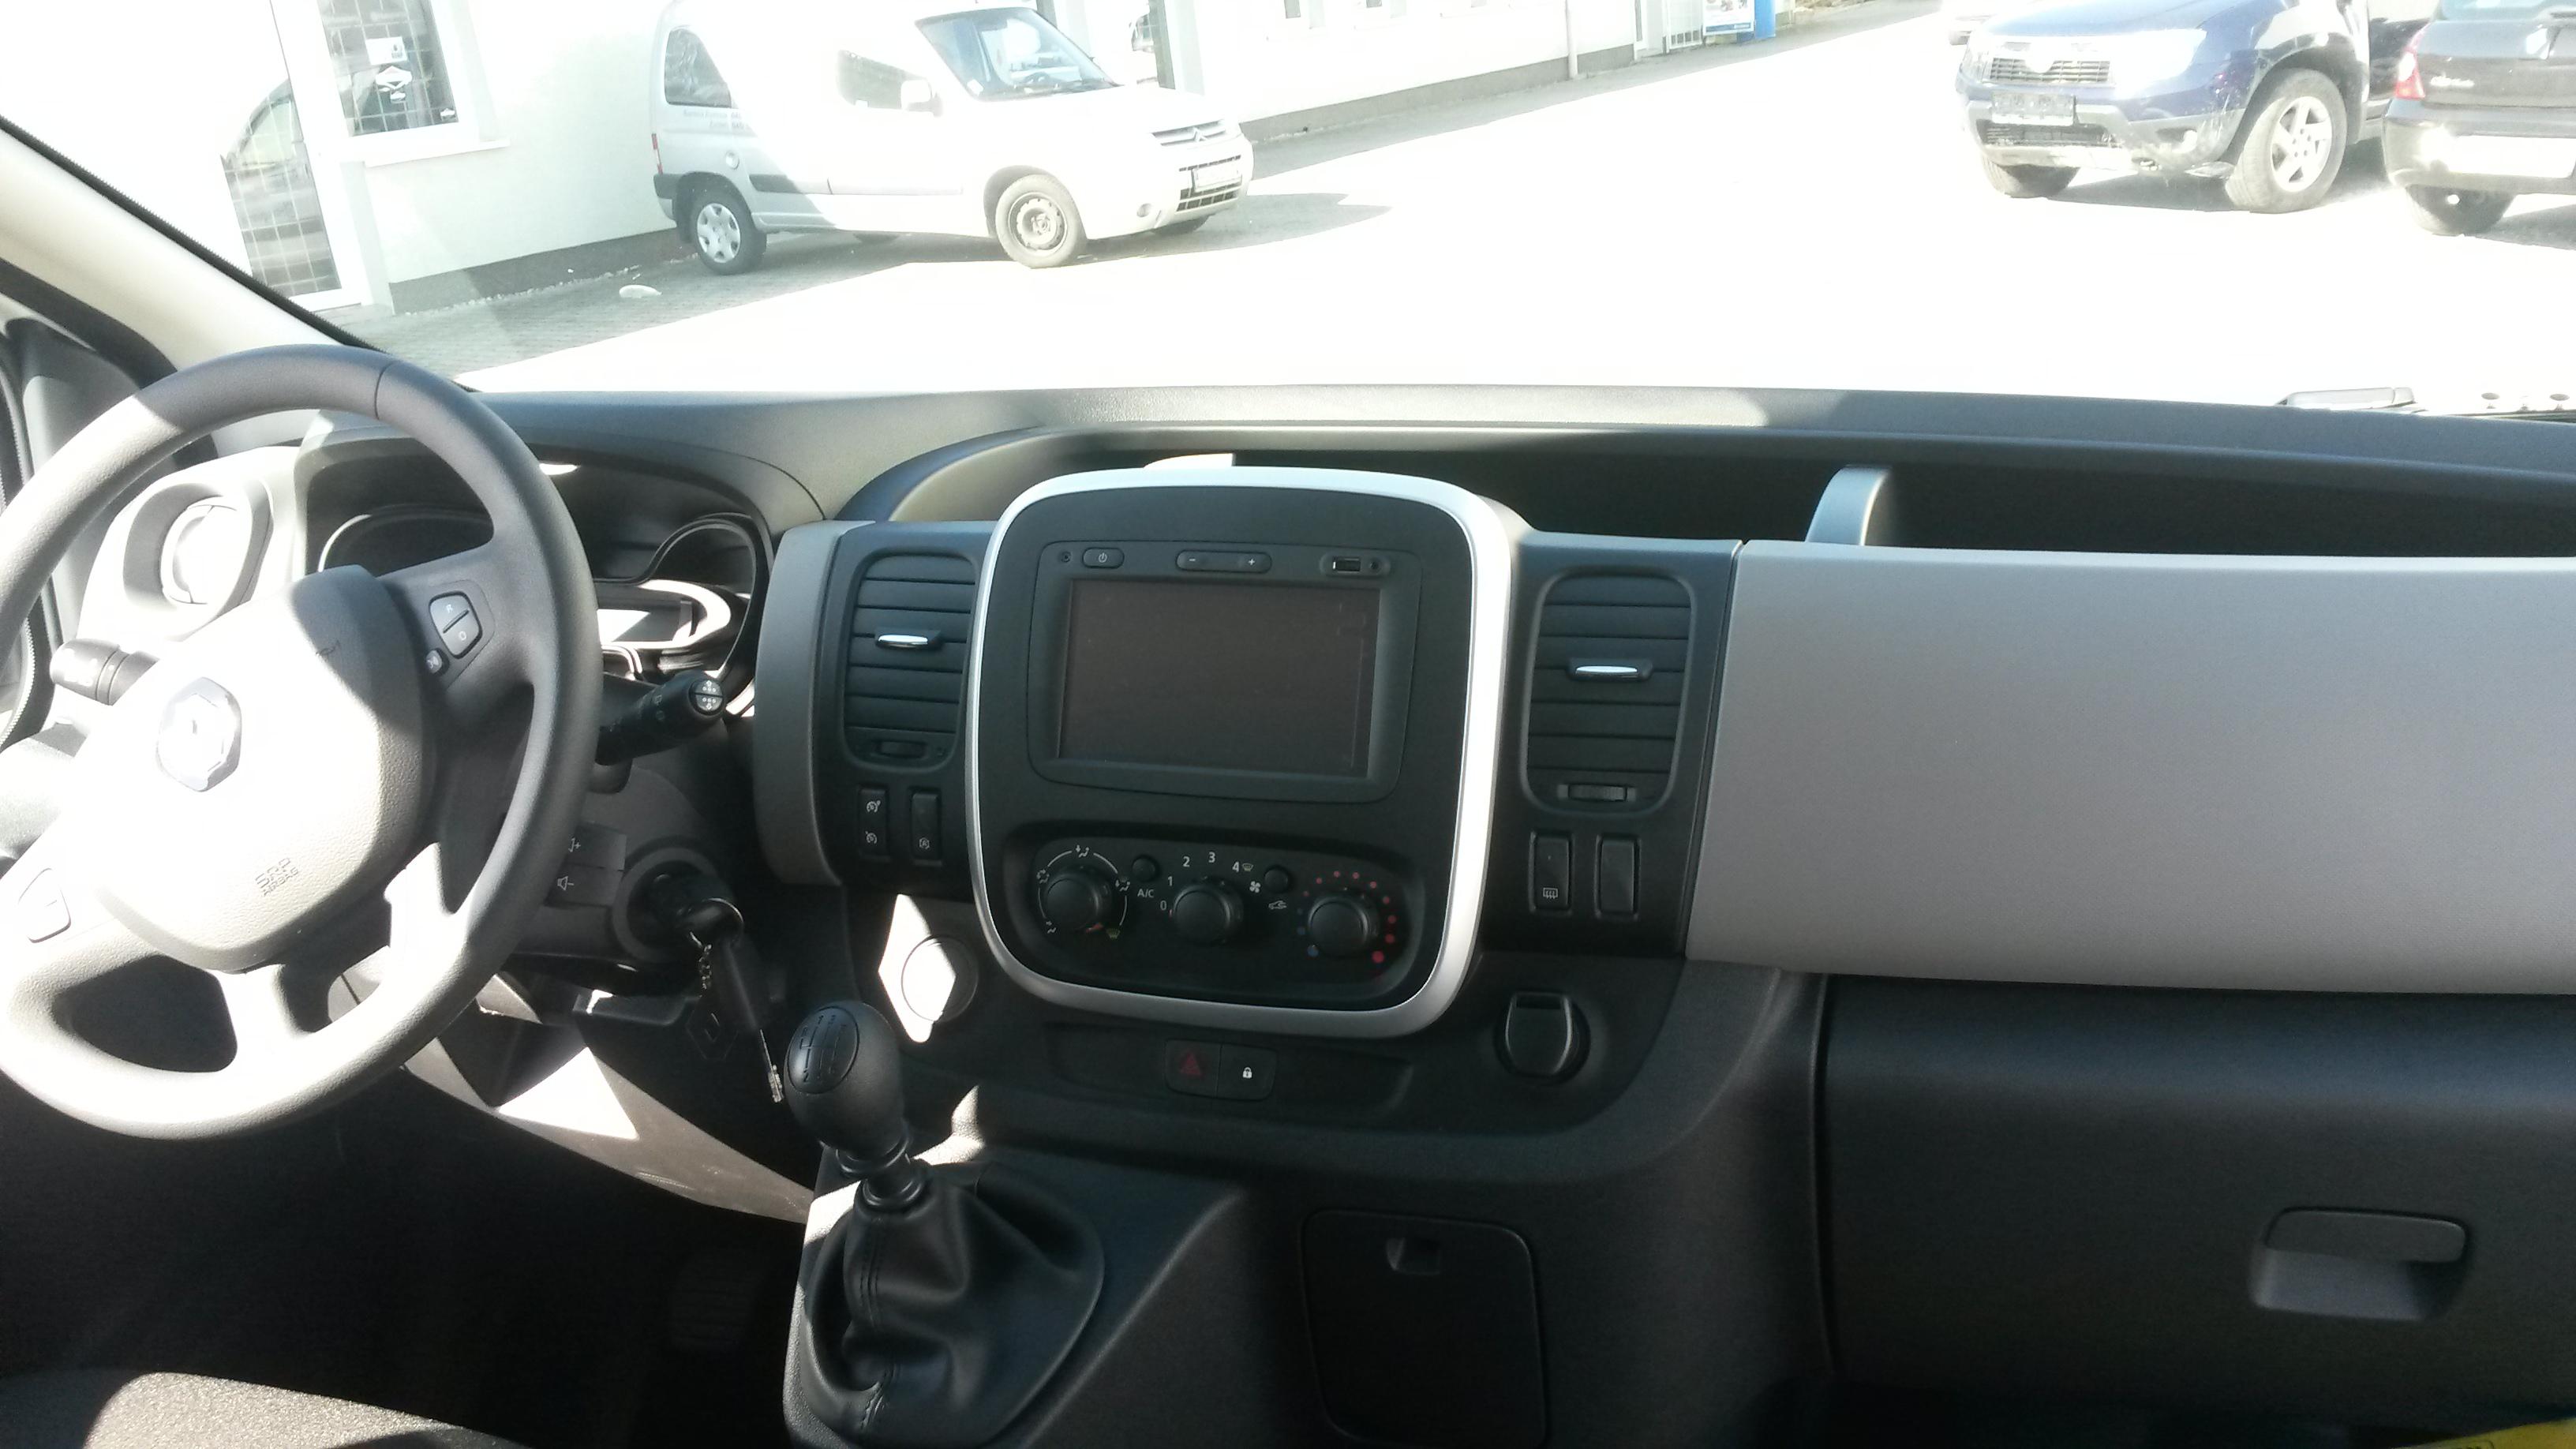 9miestneauto - prenájom 9 miestneho vozidla Renault Trafic - interiér